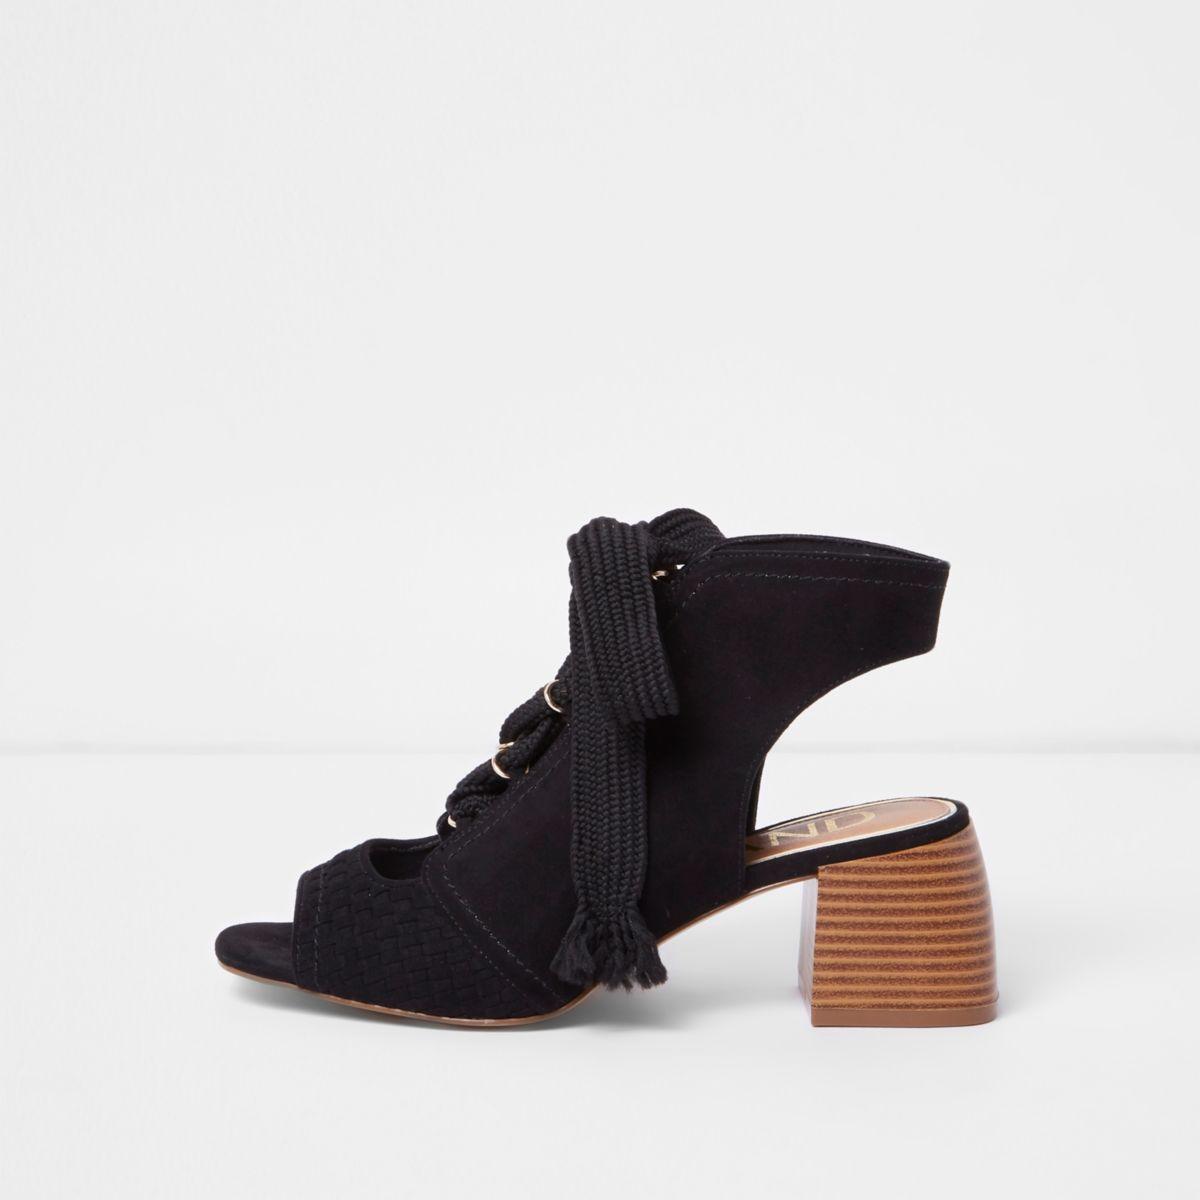 Zwarte peeptoe-schoenlaarsjes met veters en blokhak